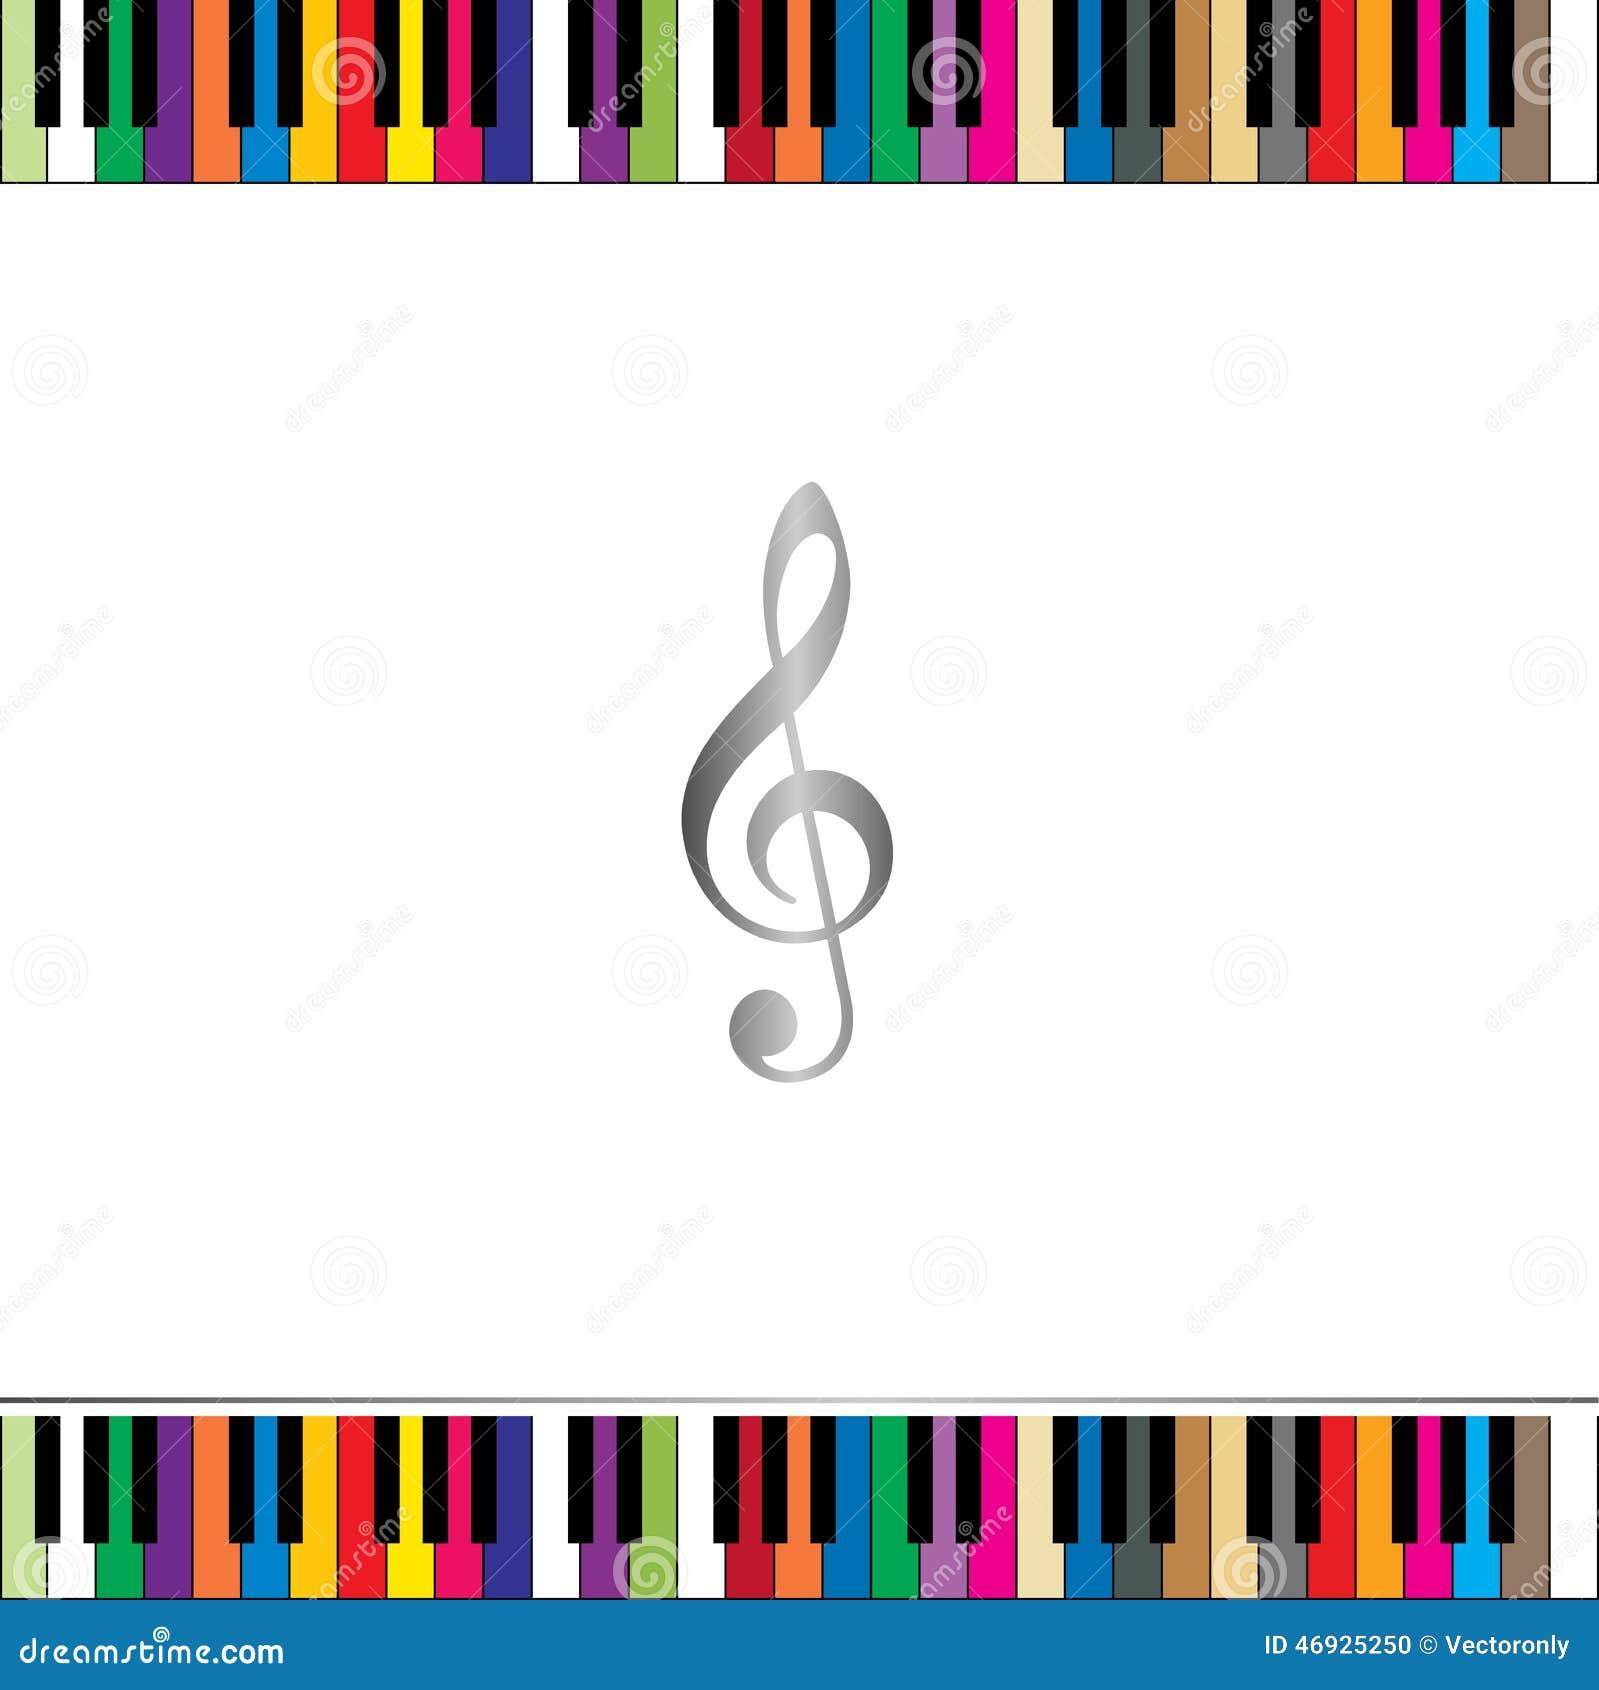 Piano Keyboard Border Stock Vector - Image: 46925250